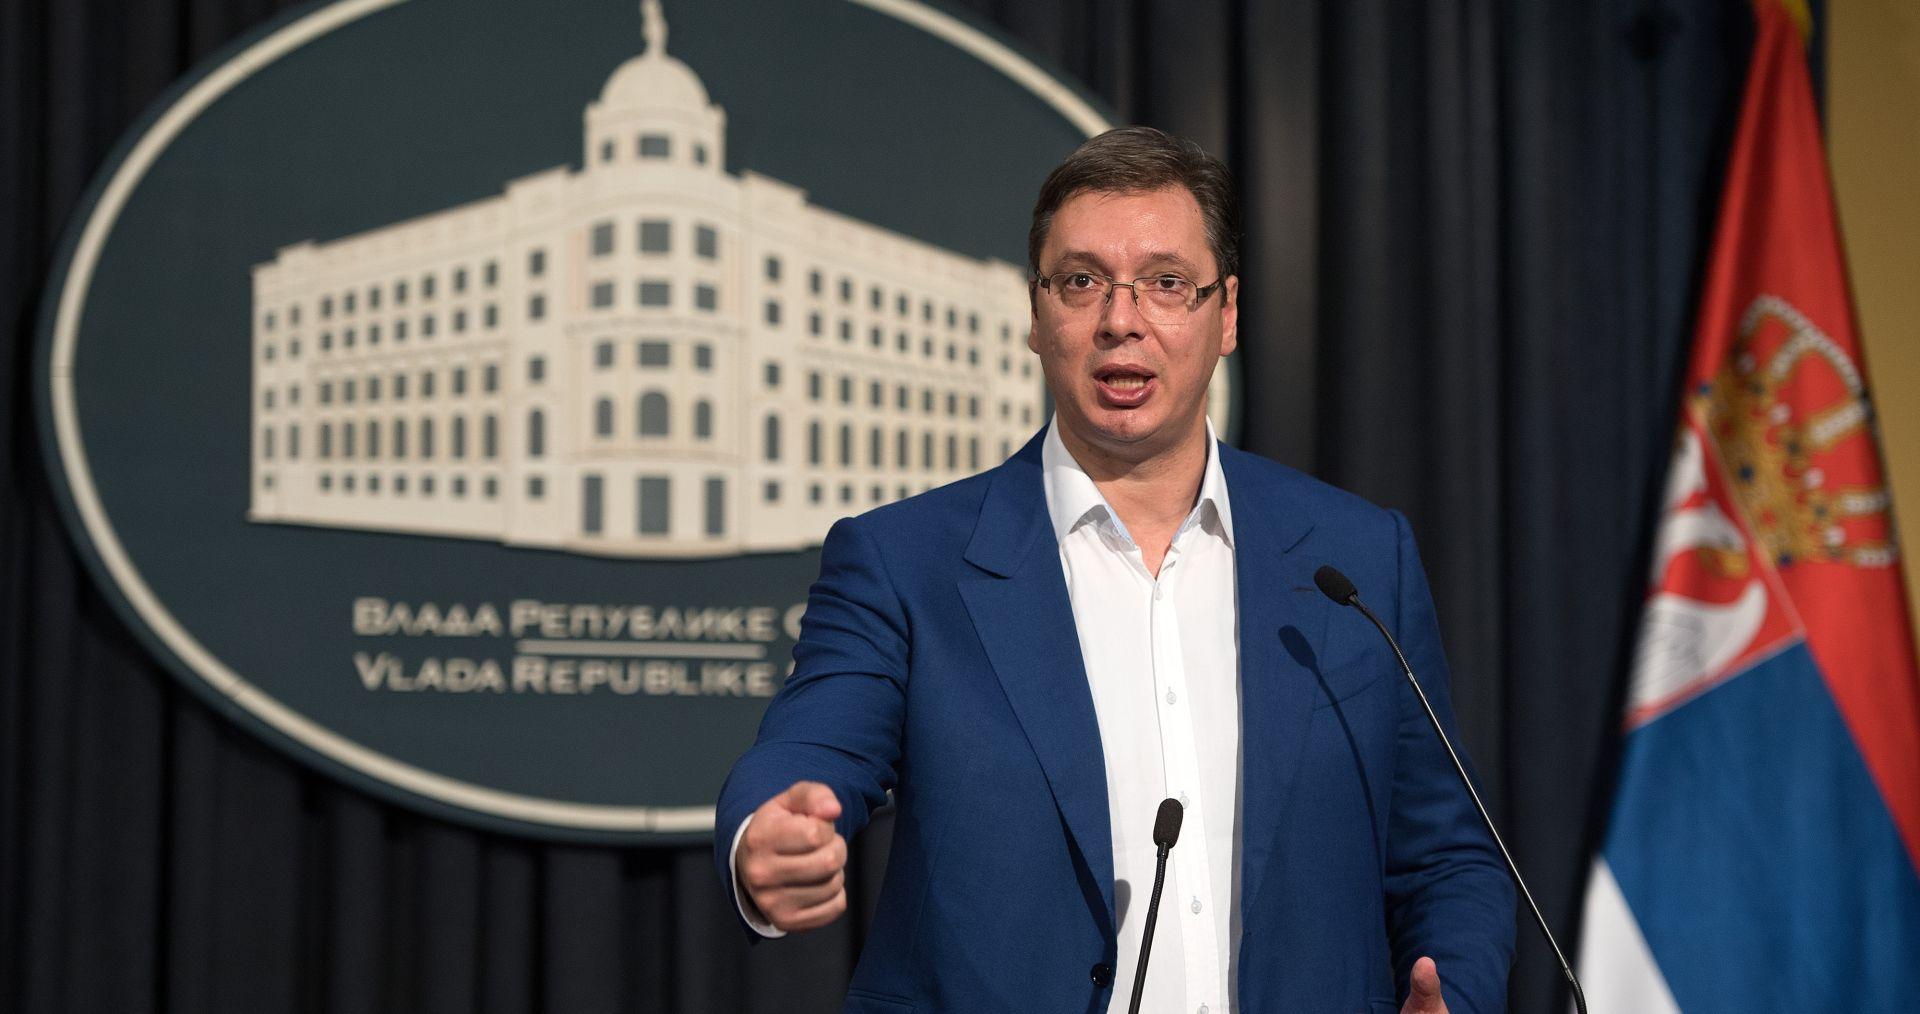 Srbijanski premijer se boji jedino nestabilnosti Balkana